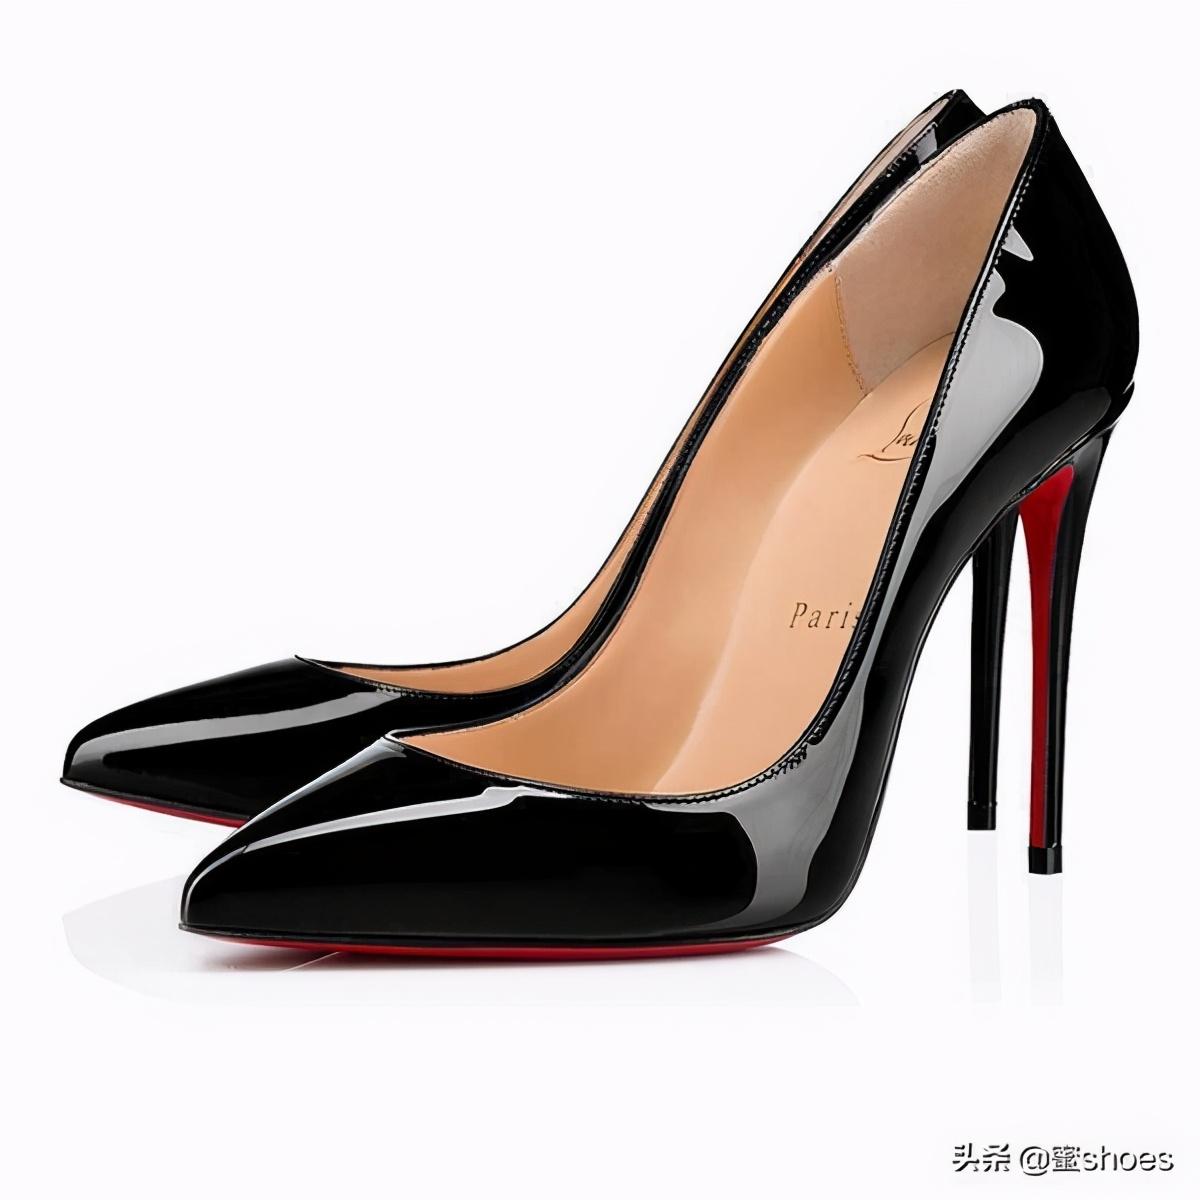 甄嬛娘娘孫儷,原來也是克里斯提·魯布托紅底鞋的真愛粉